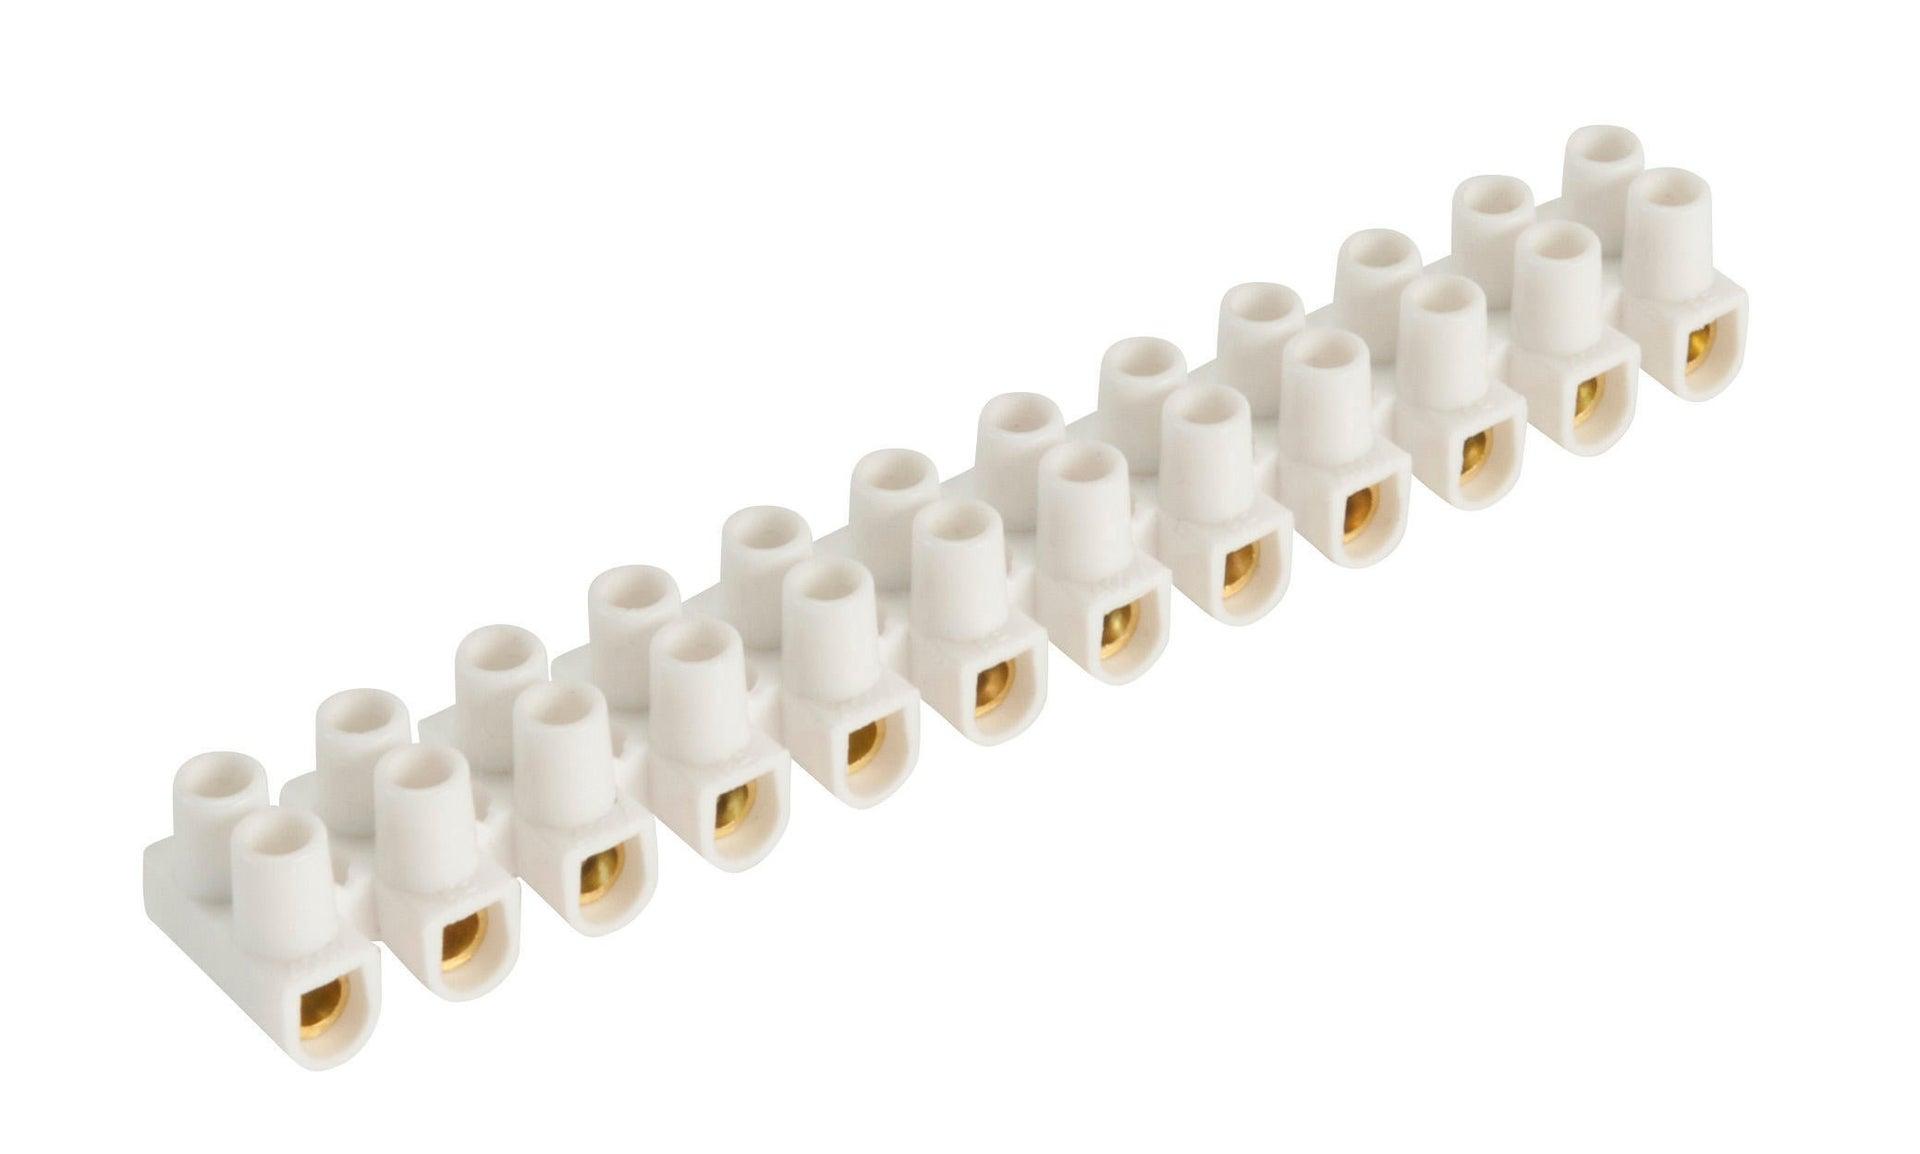 Morsetto di connessione 6 mm² - 2